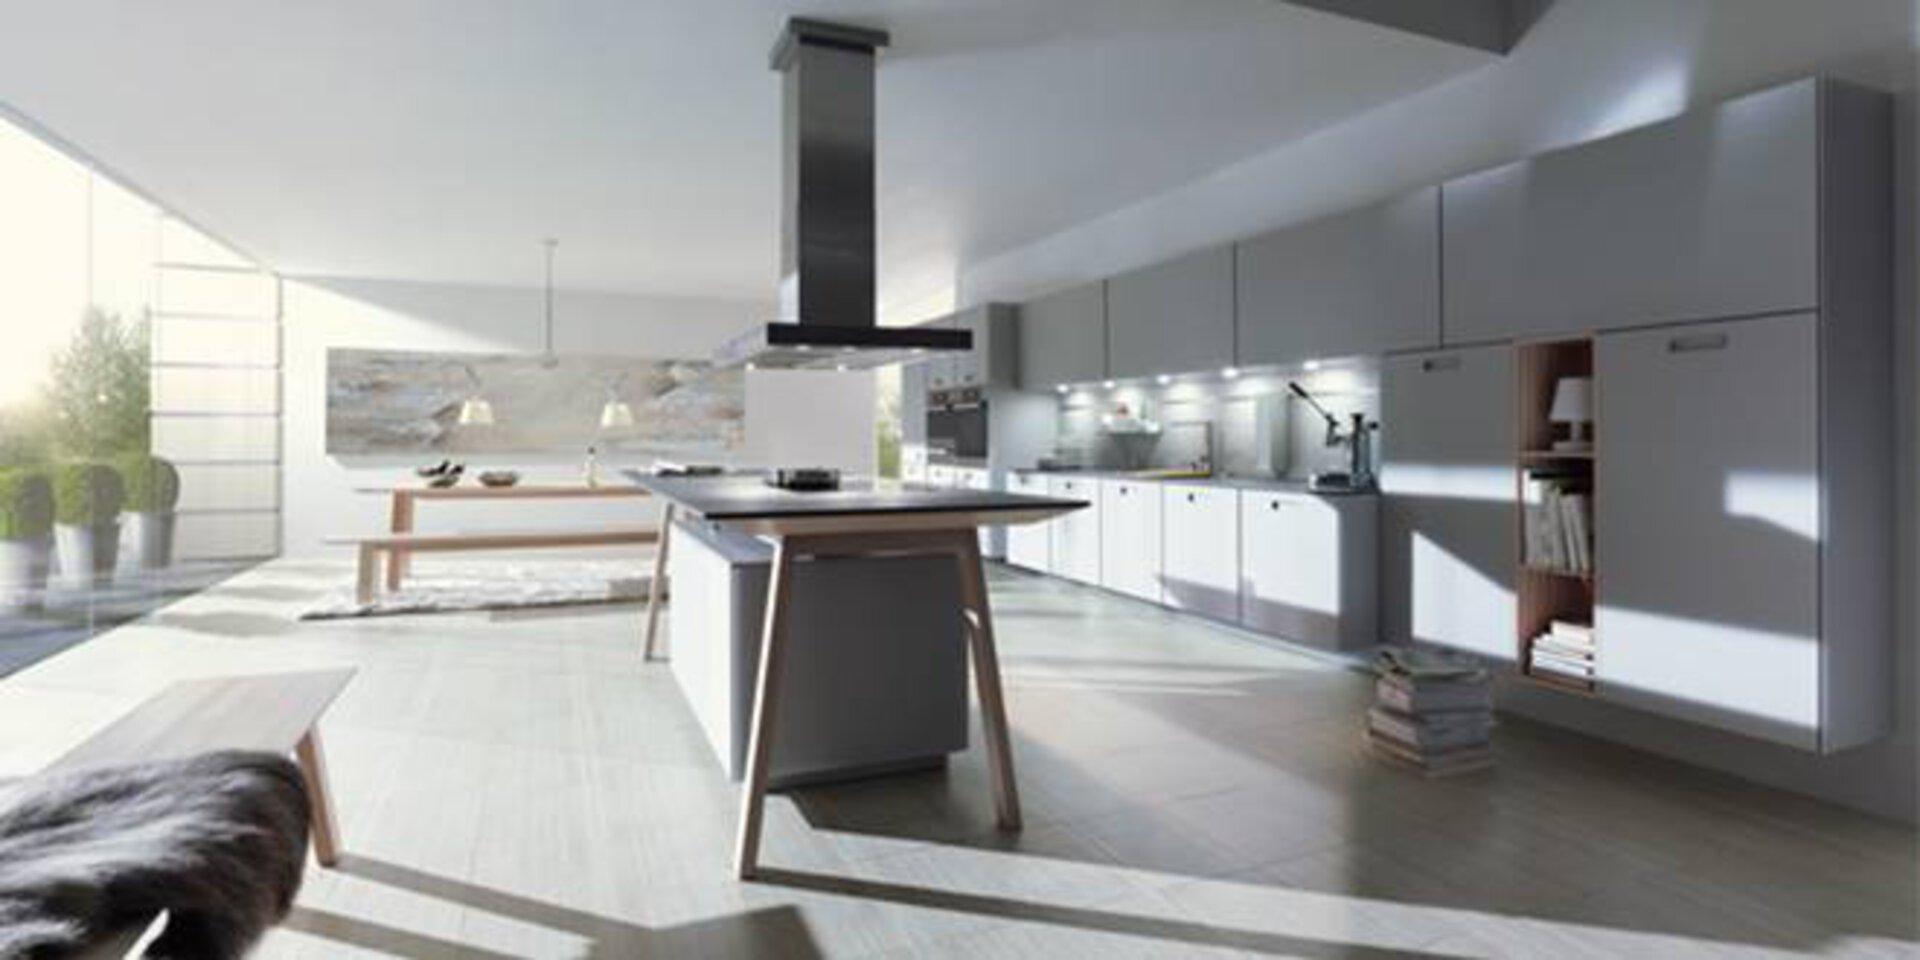 Premiumküche von NEXT125. Zu sehen ist eine große Küche in weiß, grau und Holz.